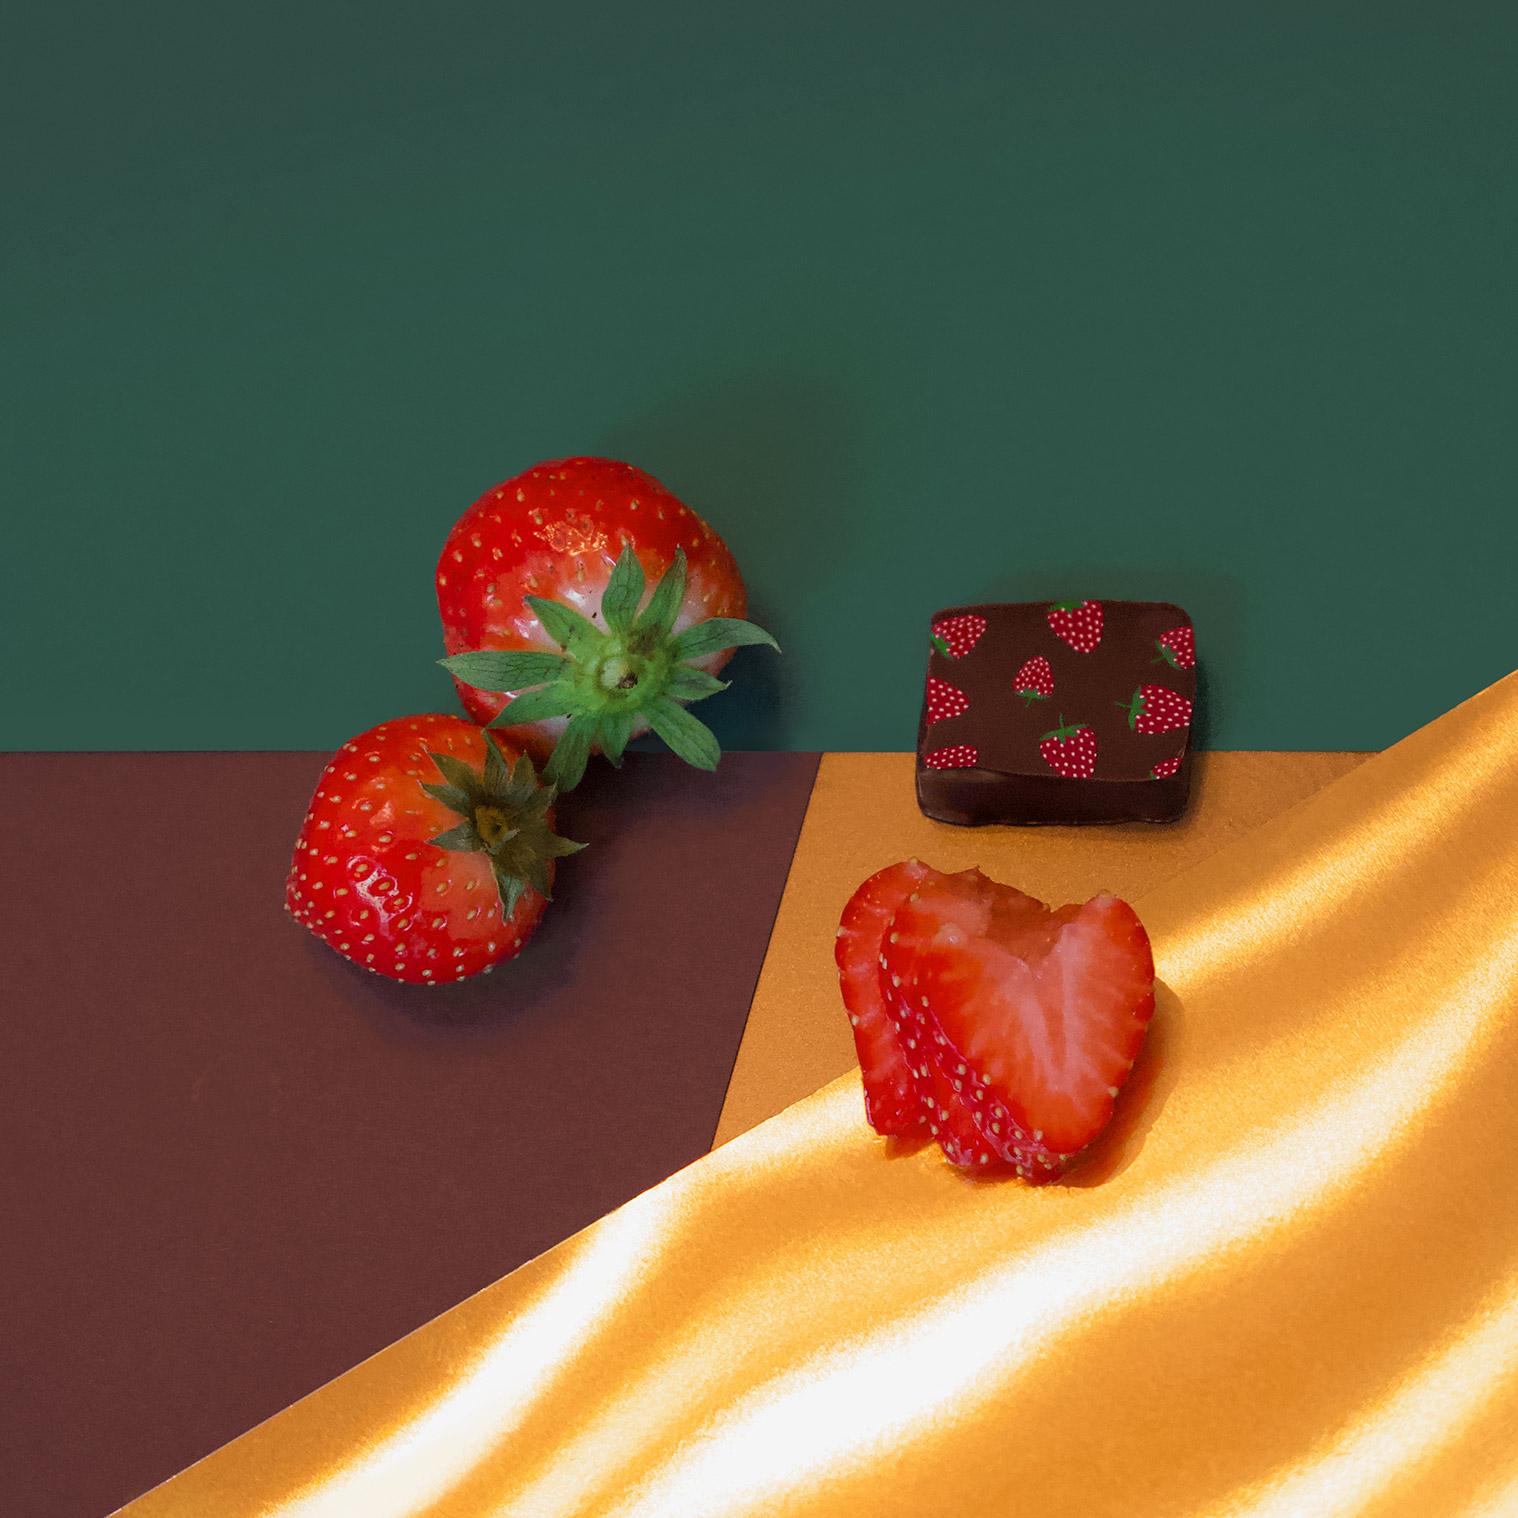 10-ChocolateSquare-12c